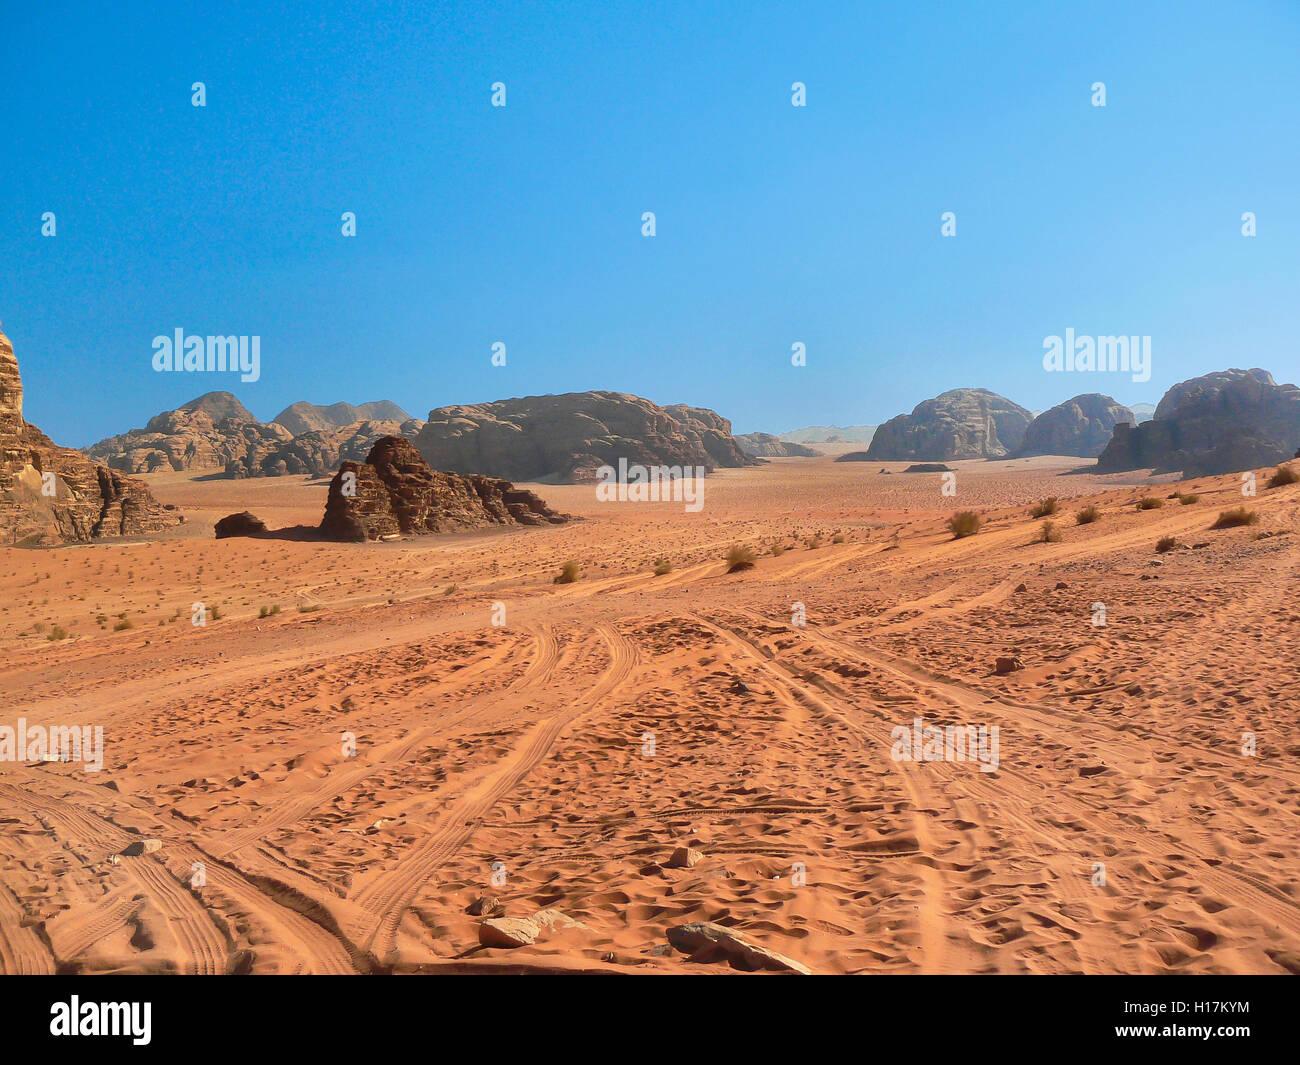 Desert of Wadi Rum, Jordan - Stock Image